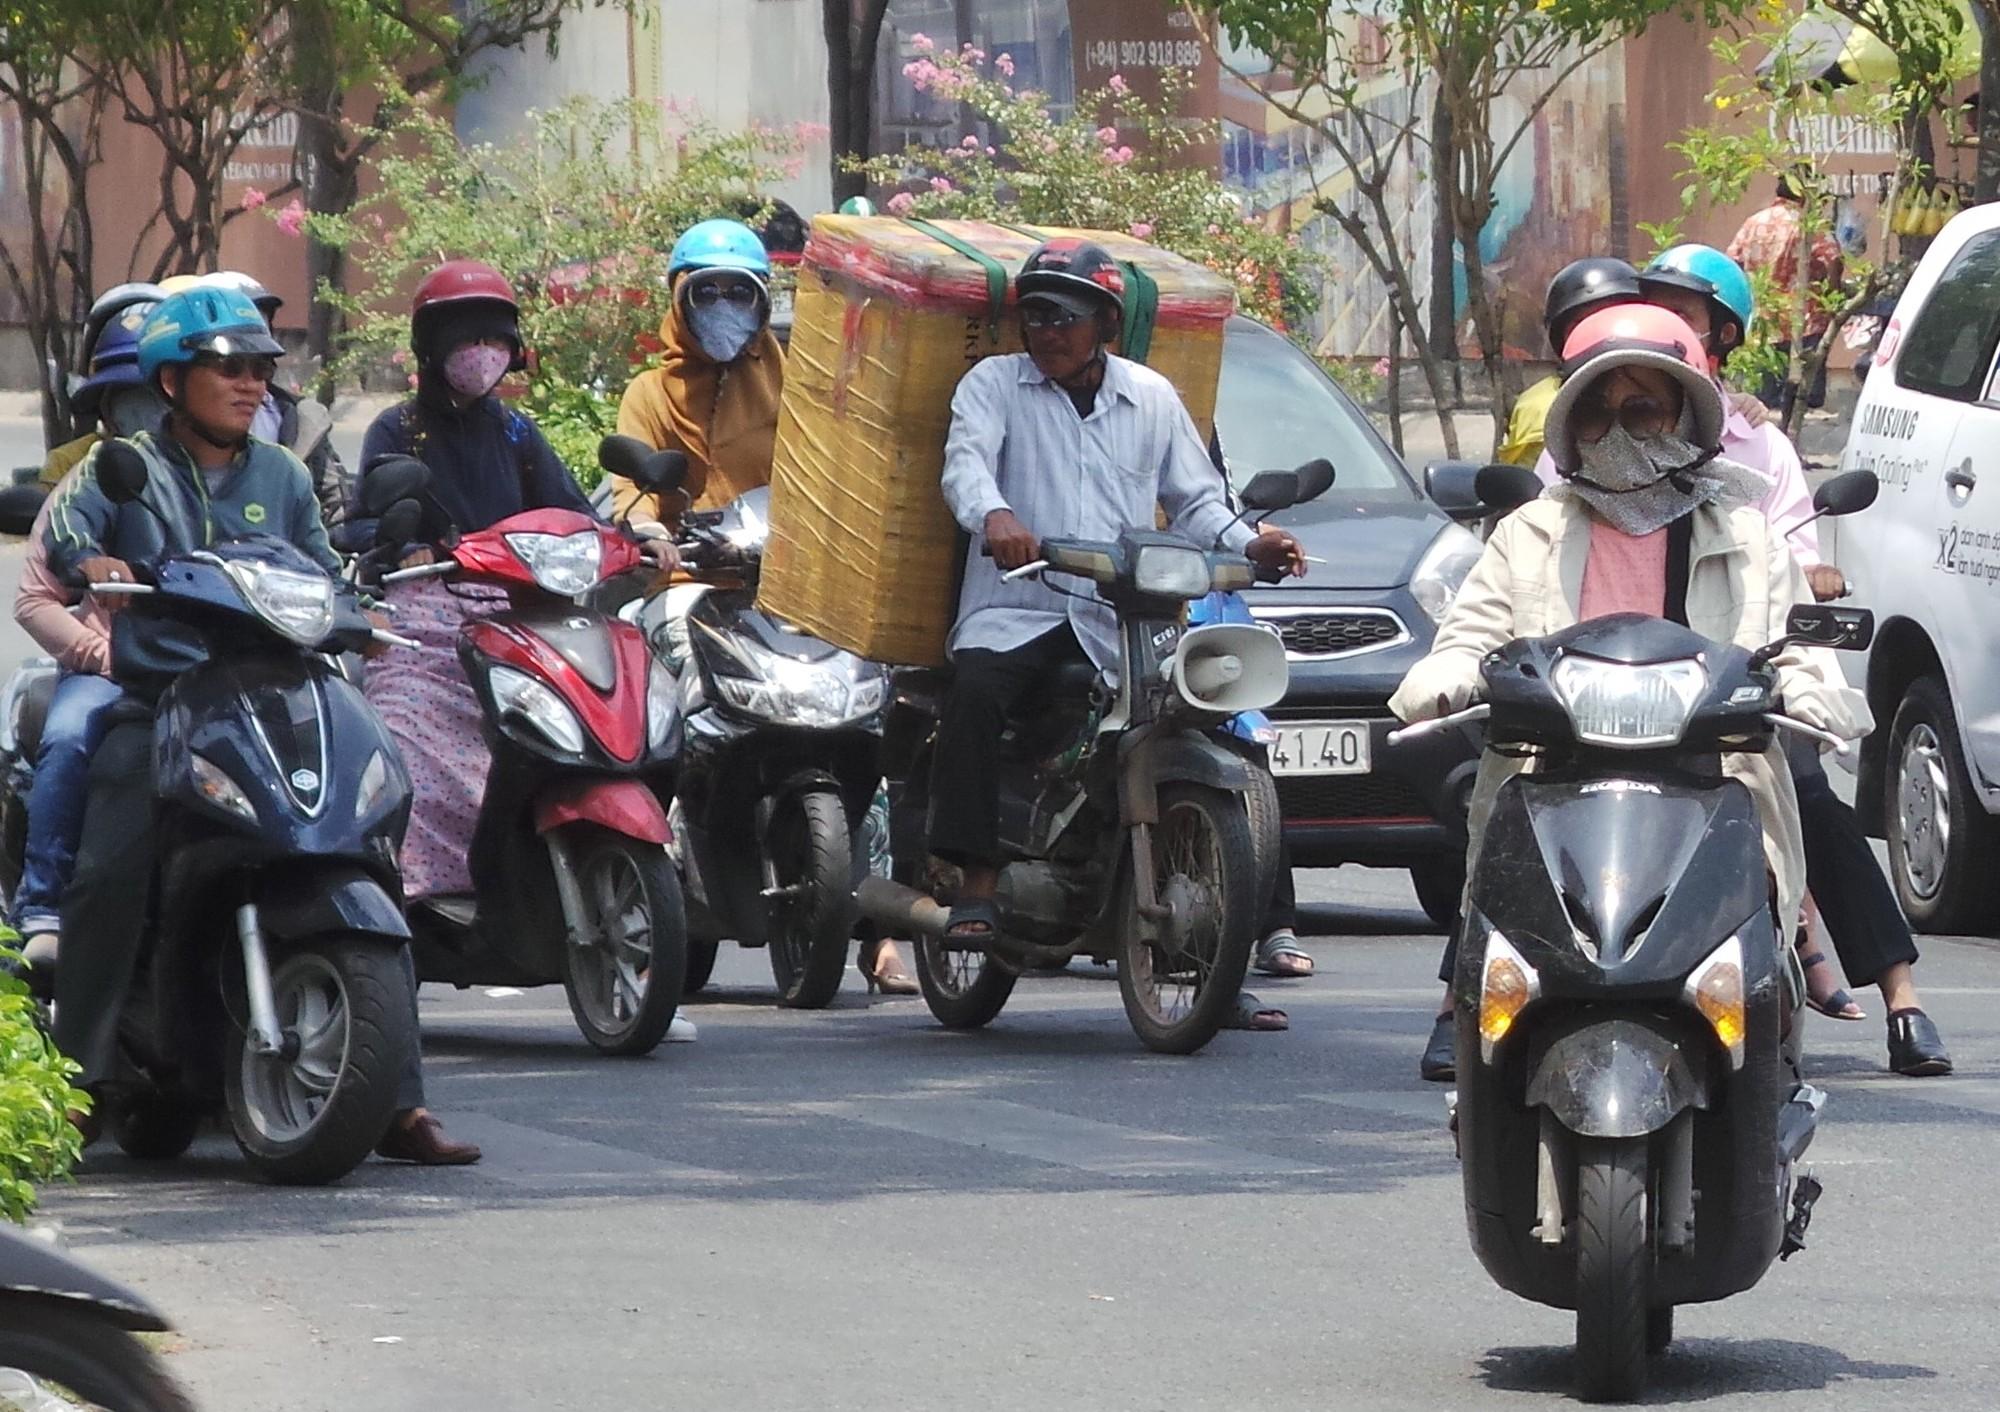 Sài Gòn nóng gần 40 độ C: Người dân xuống gầm cầu mắc võng ngủ trưa - Ảnh 2.